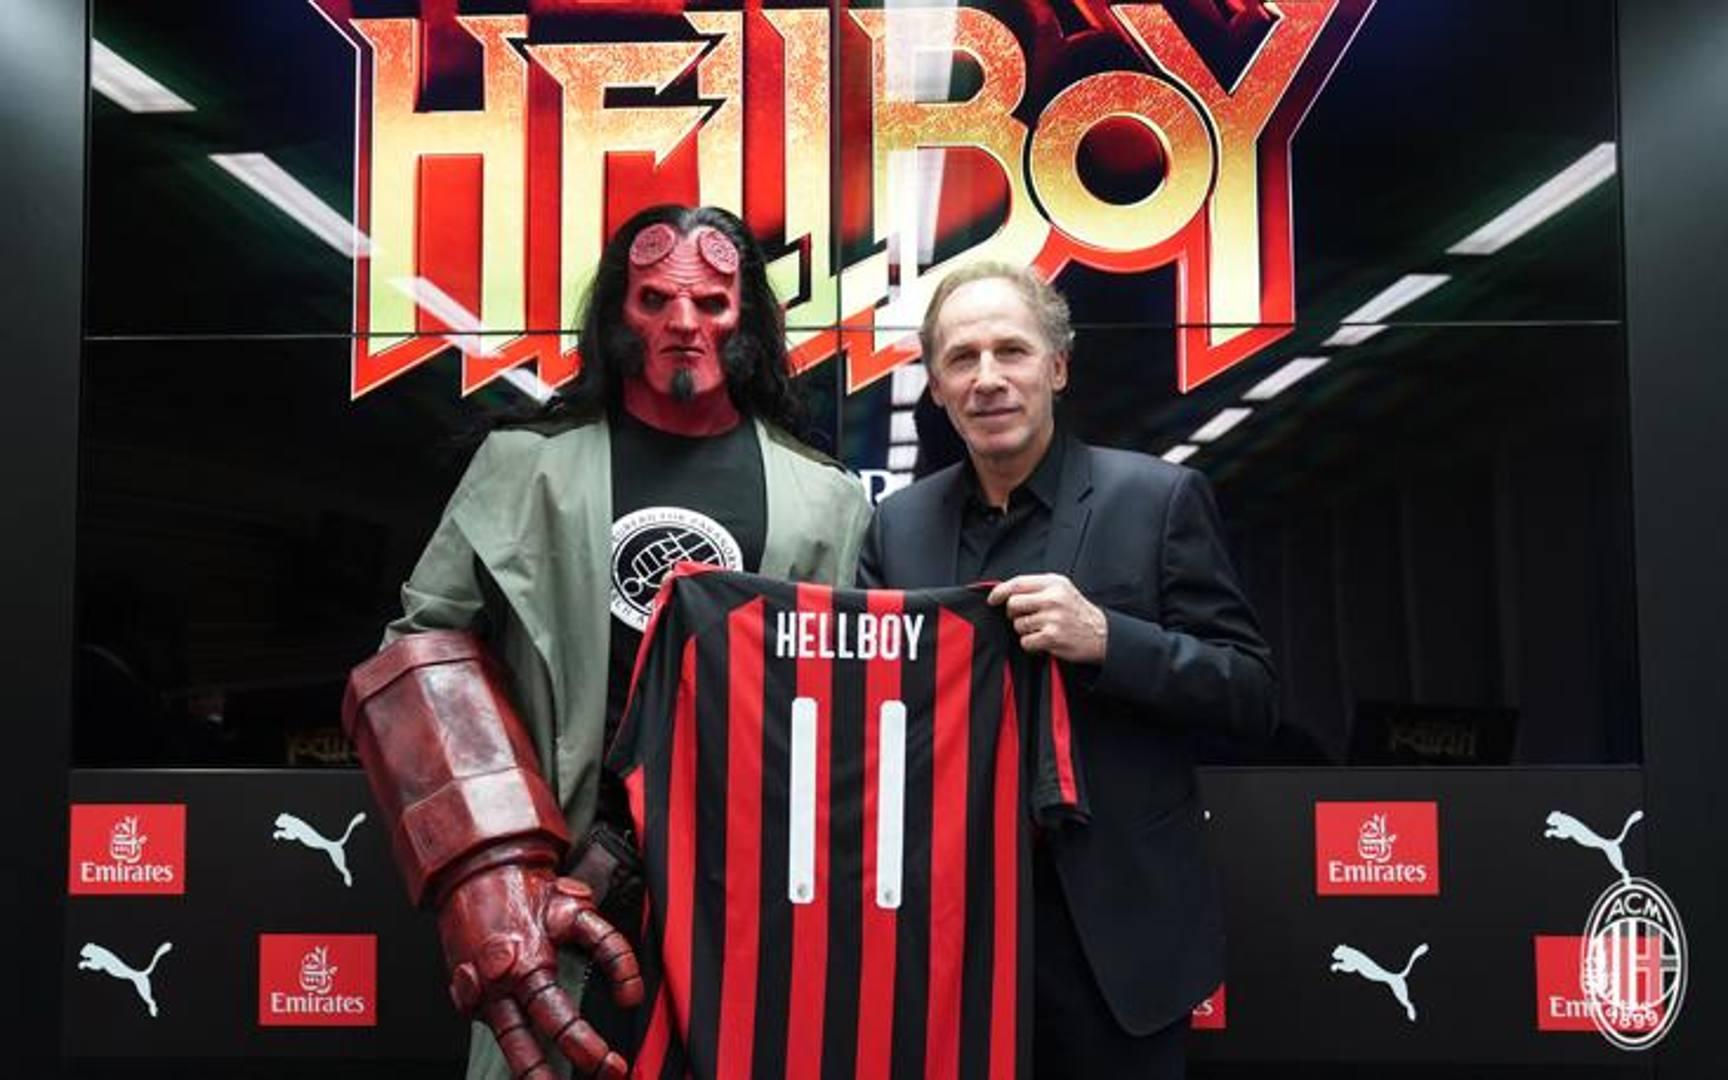 Franco Baresi, indimenticata bandiera del Milan, veste di rossonero Hellboy.